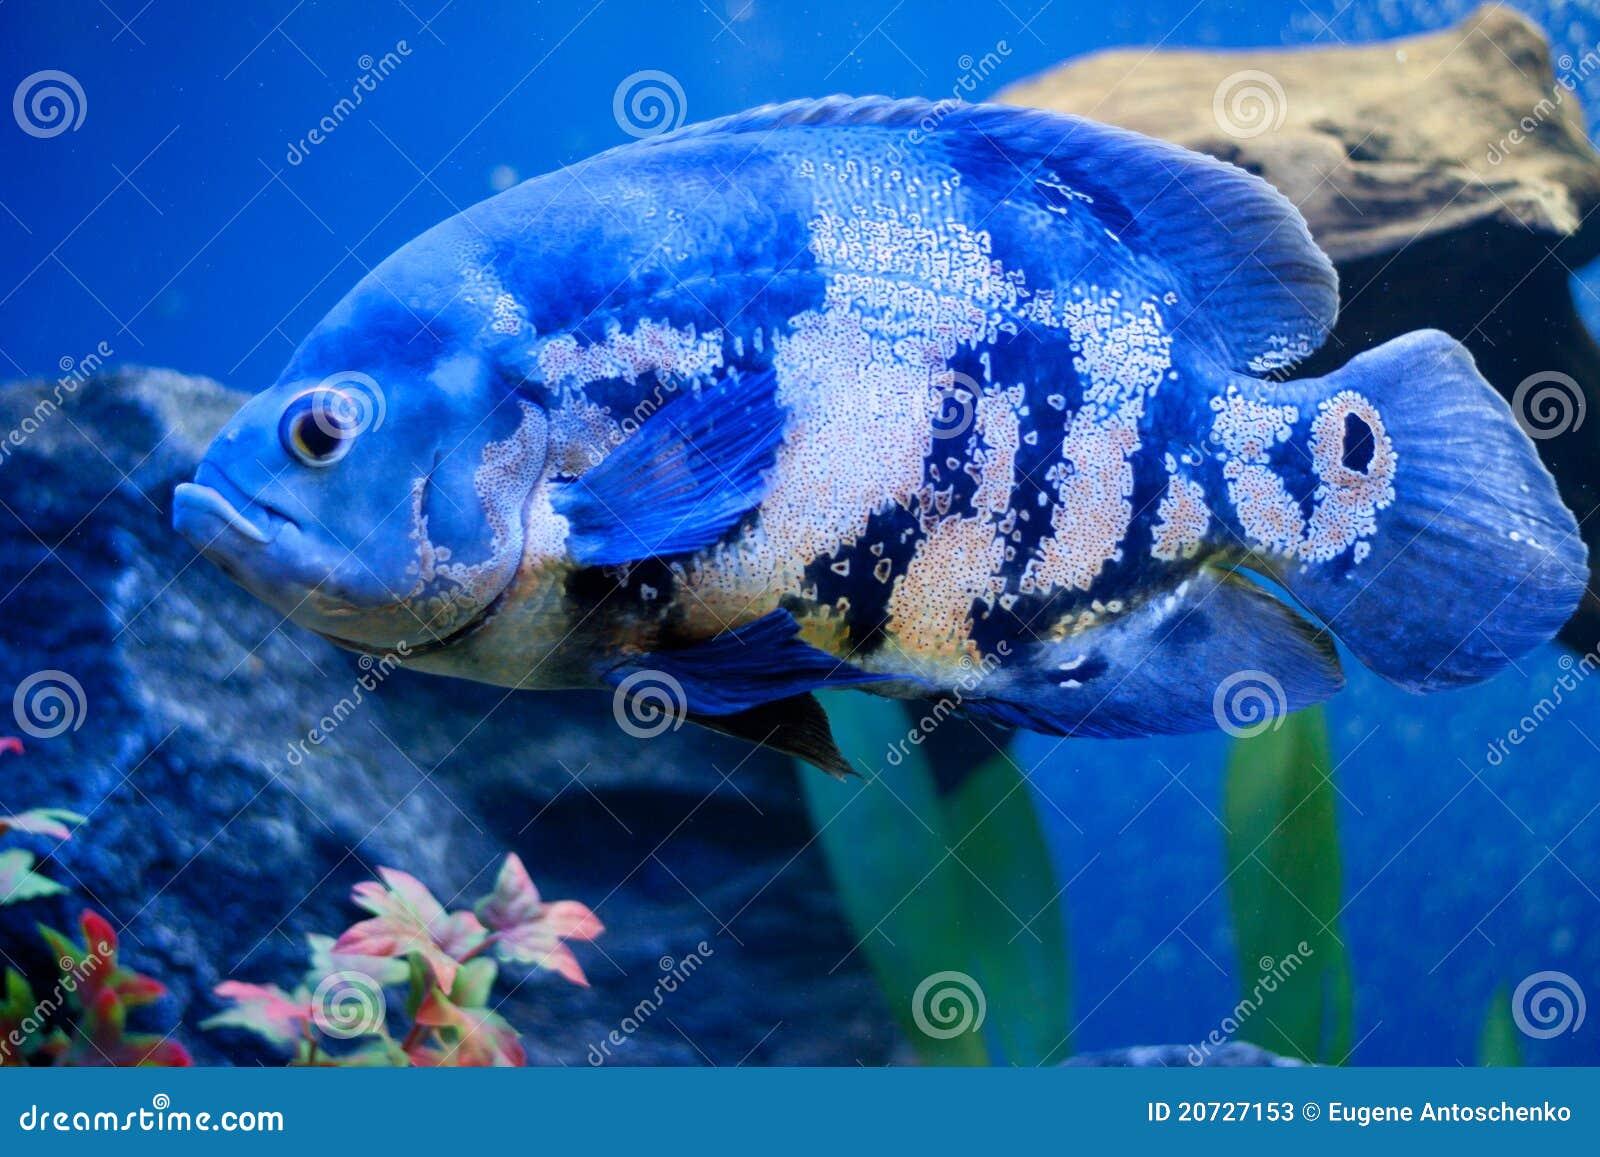 Big Blue Sea Fish In Aqurium Underwater Stock Image